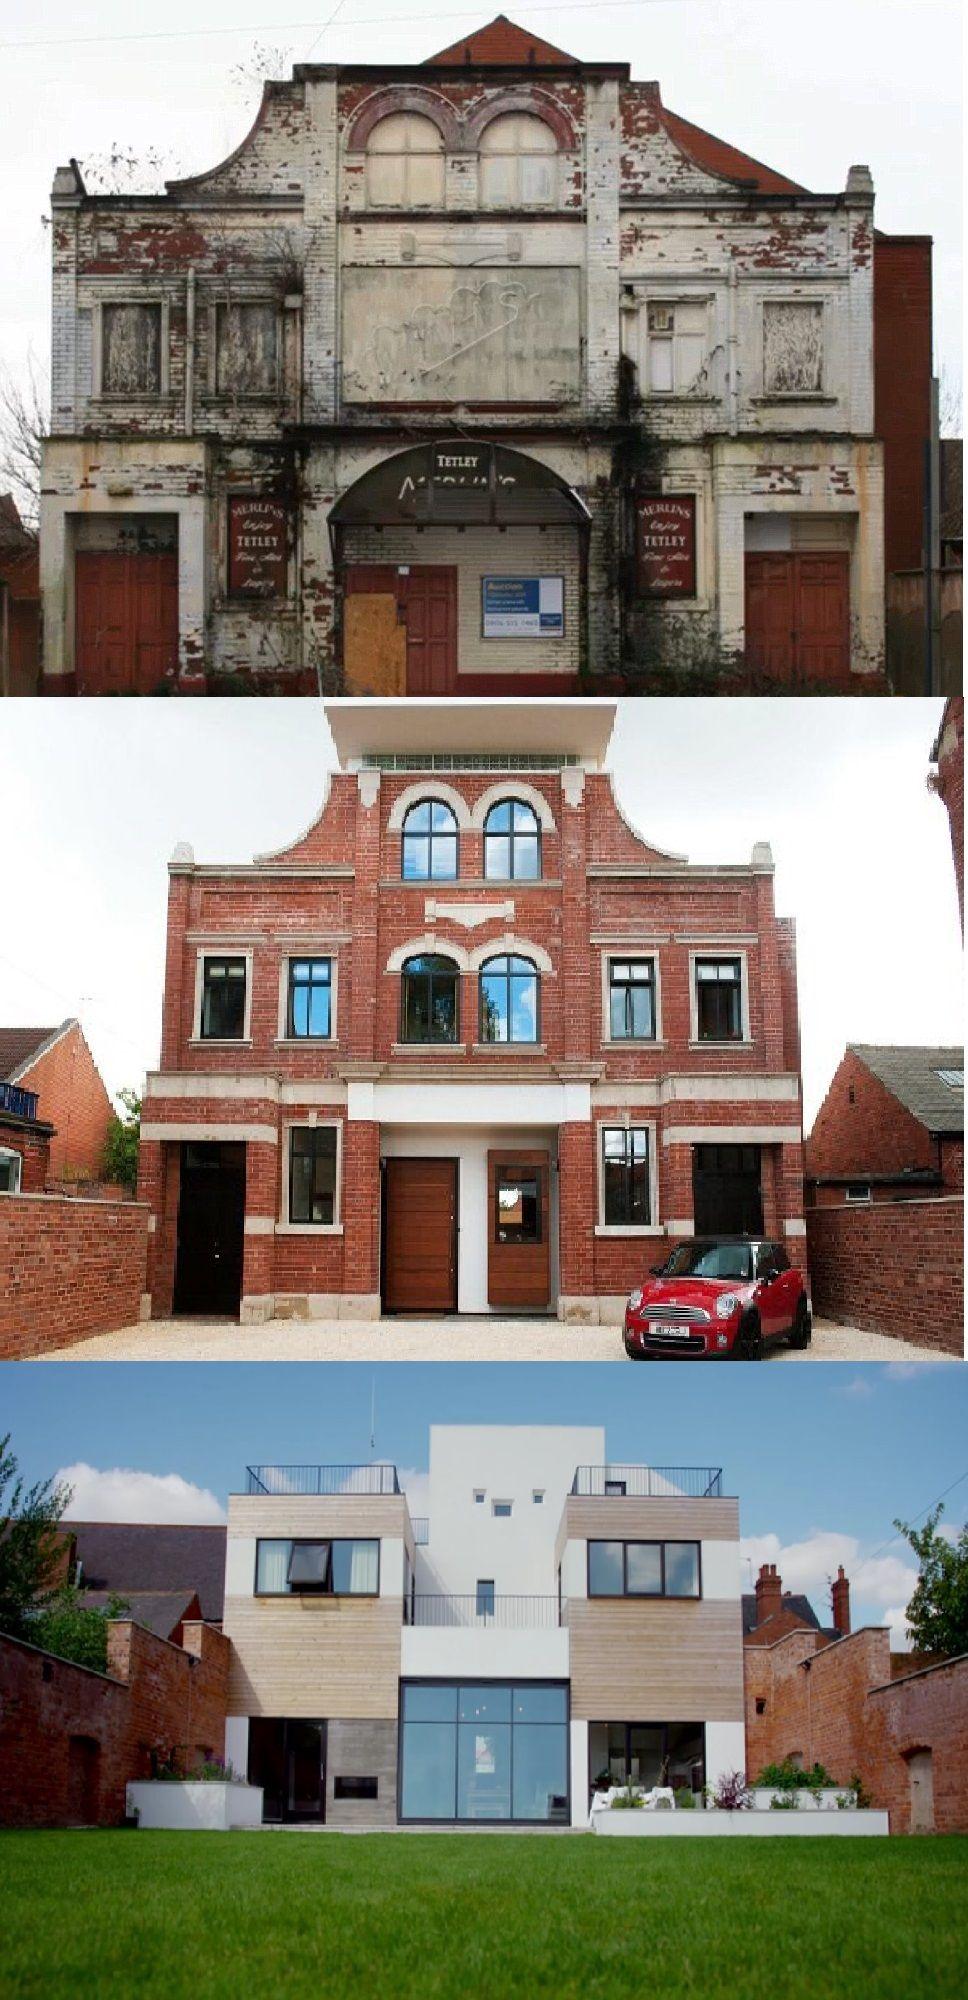 Design house yorkshire -  Reforma Grand Designs South Yorkshire Reforma De Cinema Para Casa